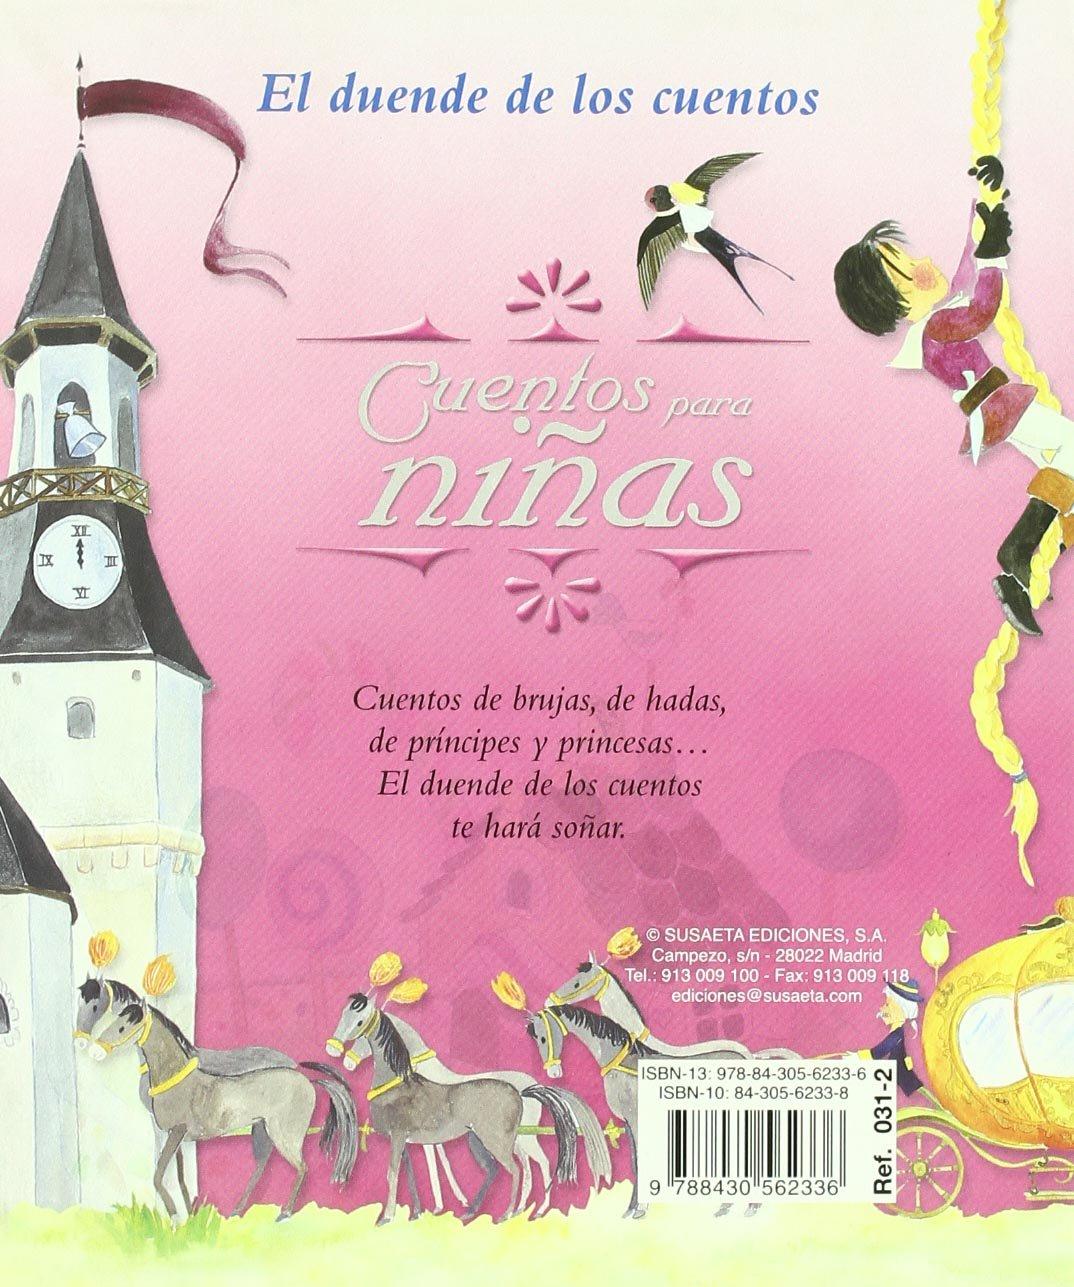 Cuentos para niñas (El Duende de los Cuentos) (Spanish Edition): Inc.  Susaeta Publishing: 9788430562336: Amazon.com: Books